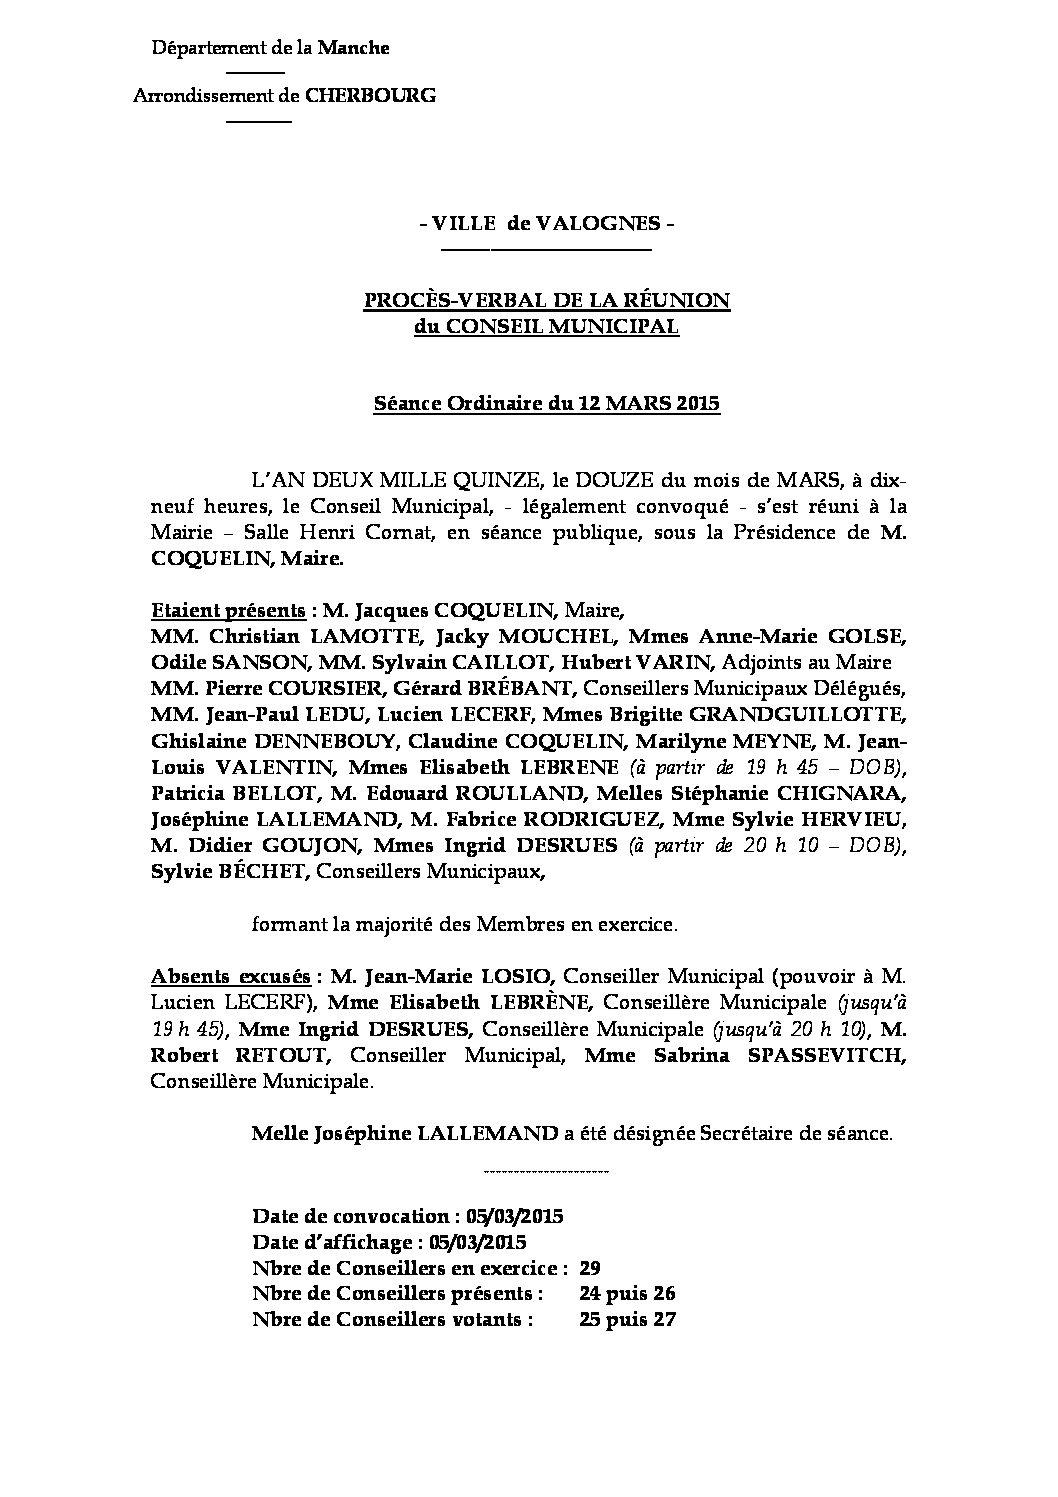 Procès-verbal du 12-03-2015 - Procès-verbal de la réunion du Conseil Municipal du 12 mars 2015, approuvé à l